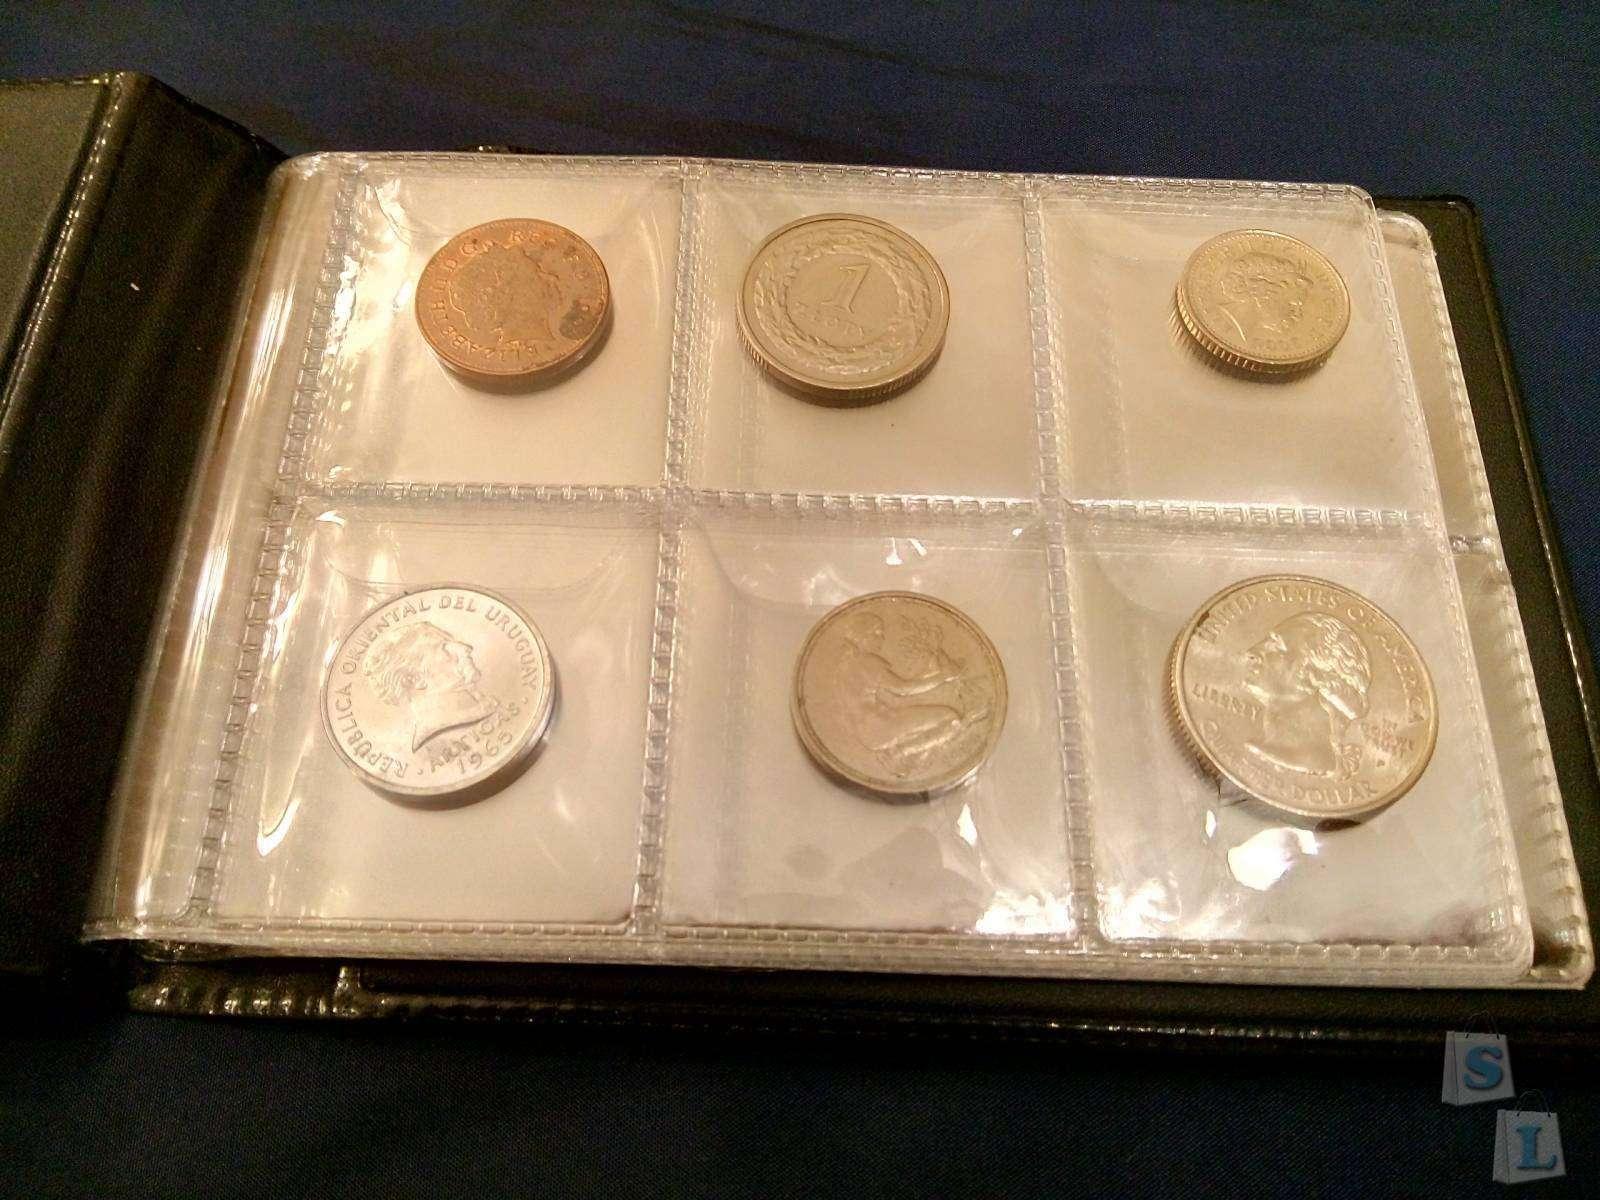 Aliexpress: Небольшой альбом для коллекционирования монет